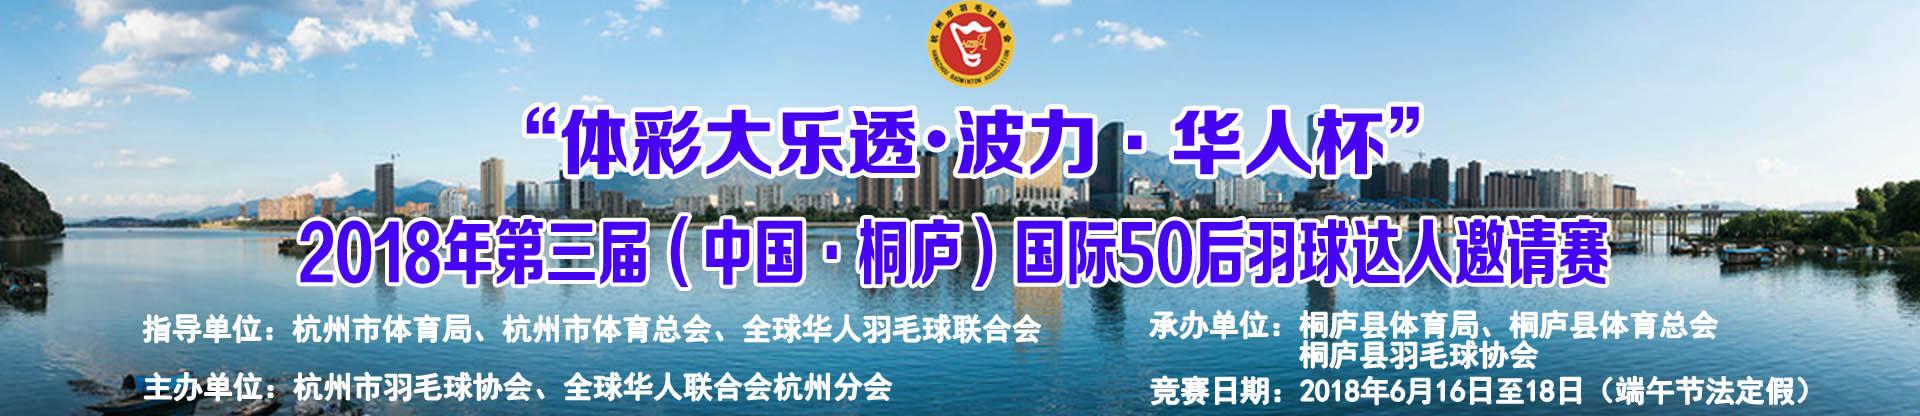 """2017年第二届""""华人杯""""国际50后羽球达人邀请赛"""